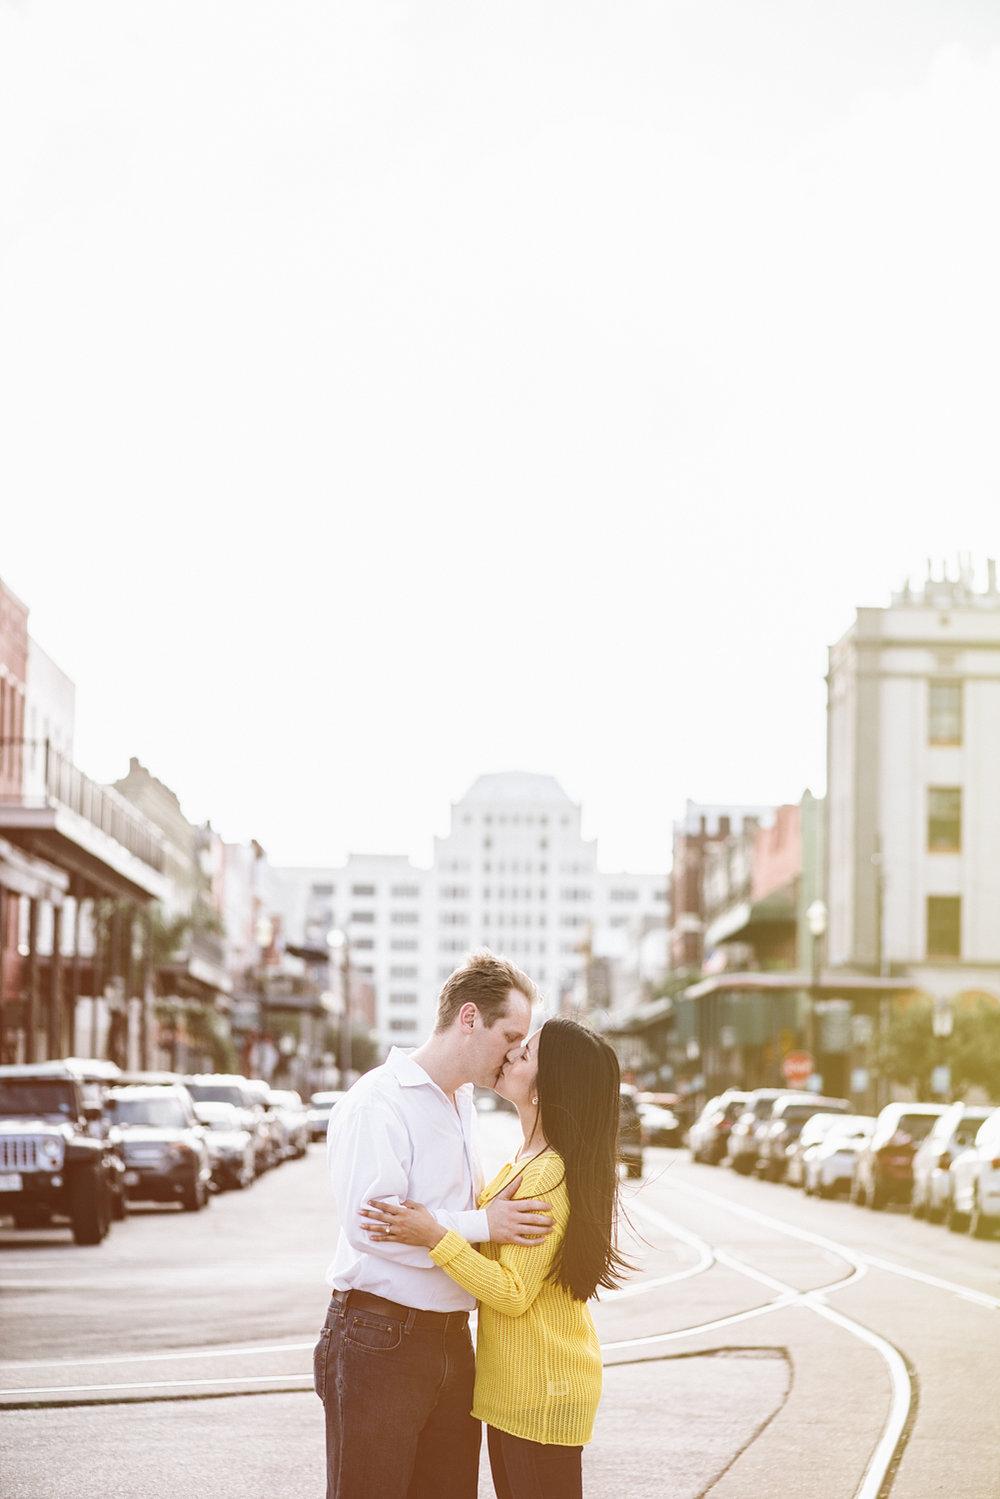 engagementsession-jackieandrobert-winterwedding-christmaswedding-love-wedding-weddings-houstonweddings-houstonengagments-texasweddings-8.jpg